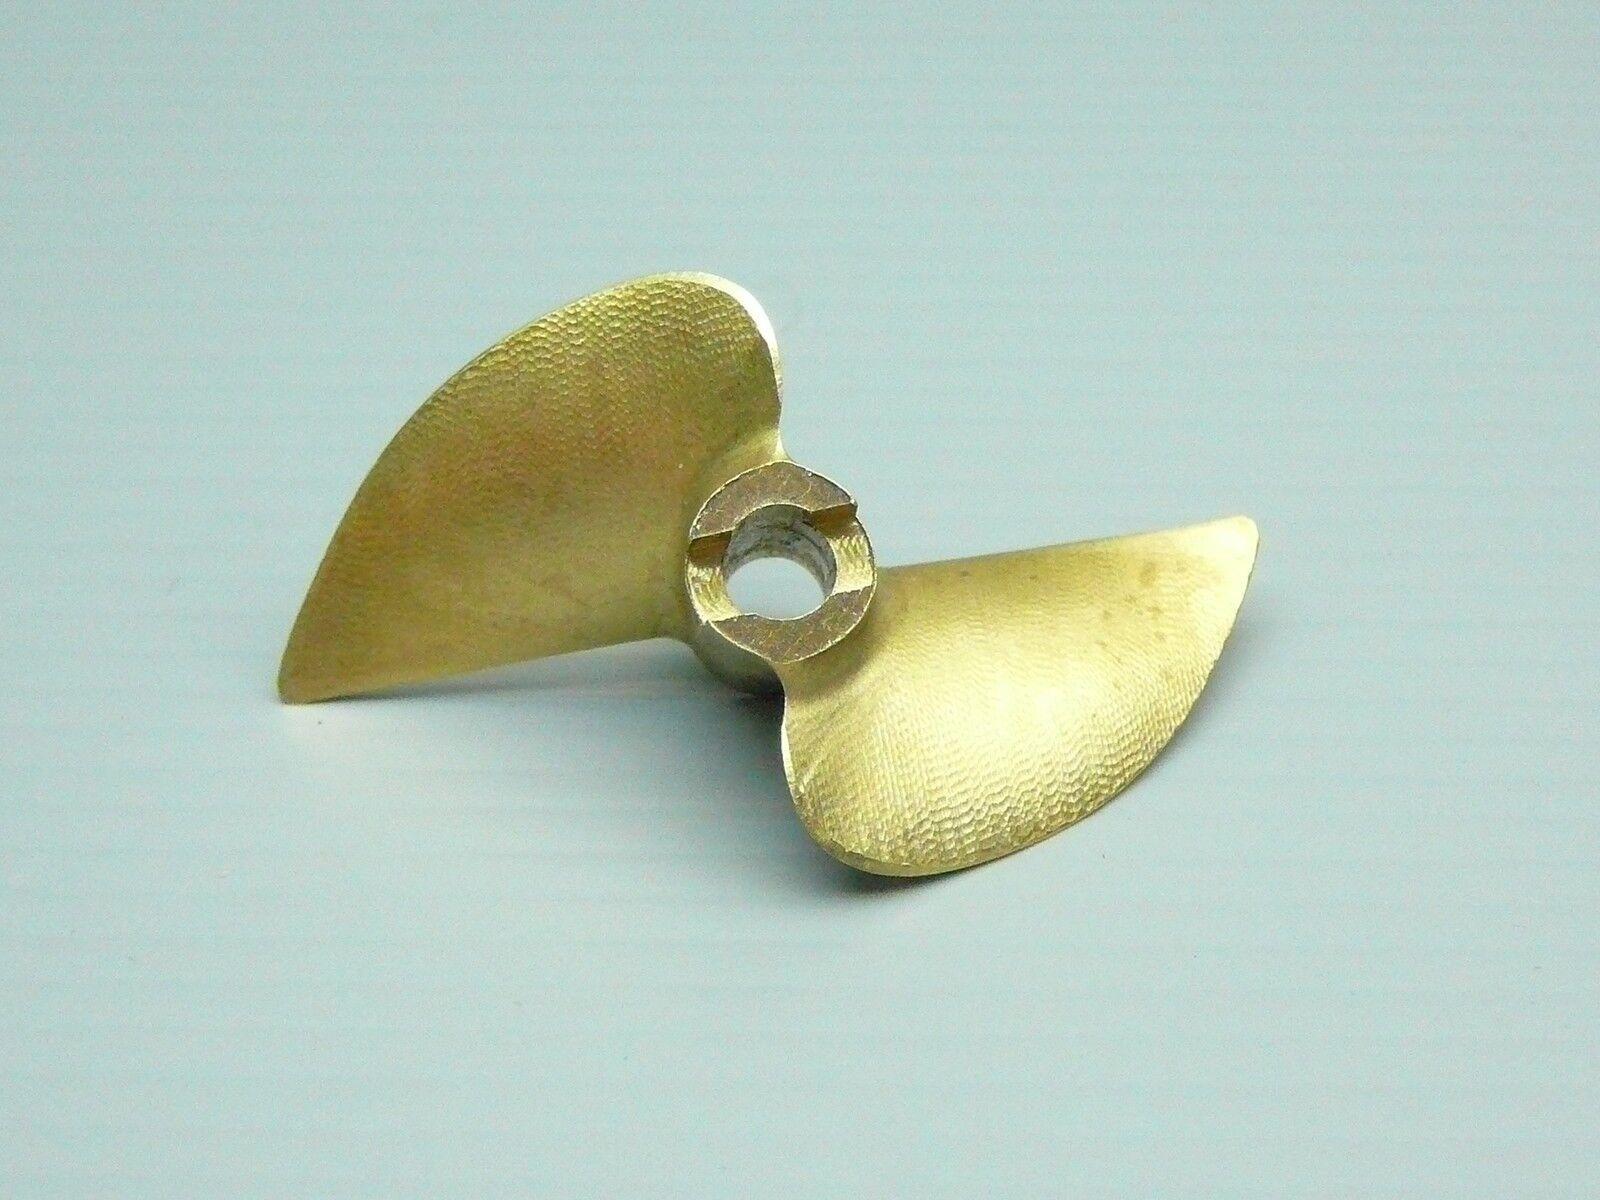 Vxp cnc - brass - legierung x445 45 mm 1.4p 3   16  2 blatt propeller - ep - Stiefel.